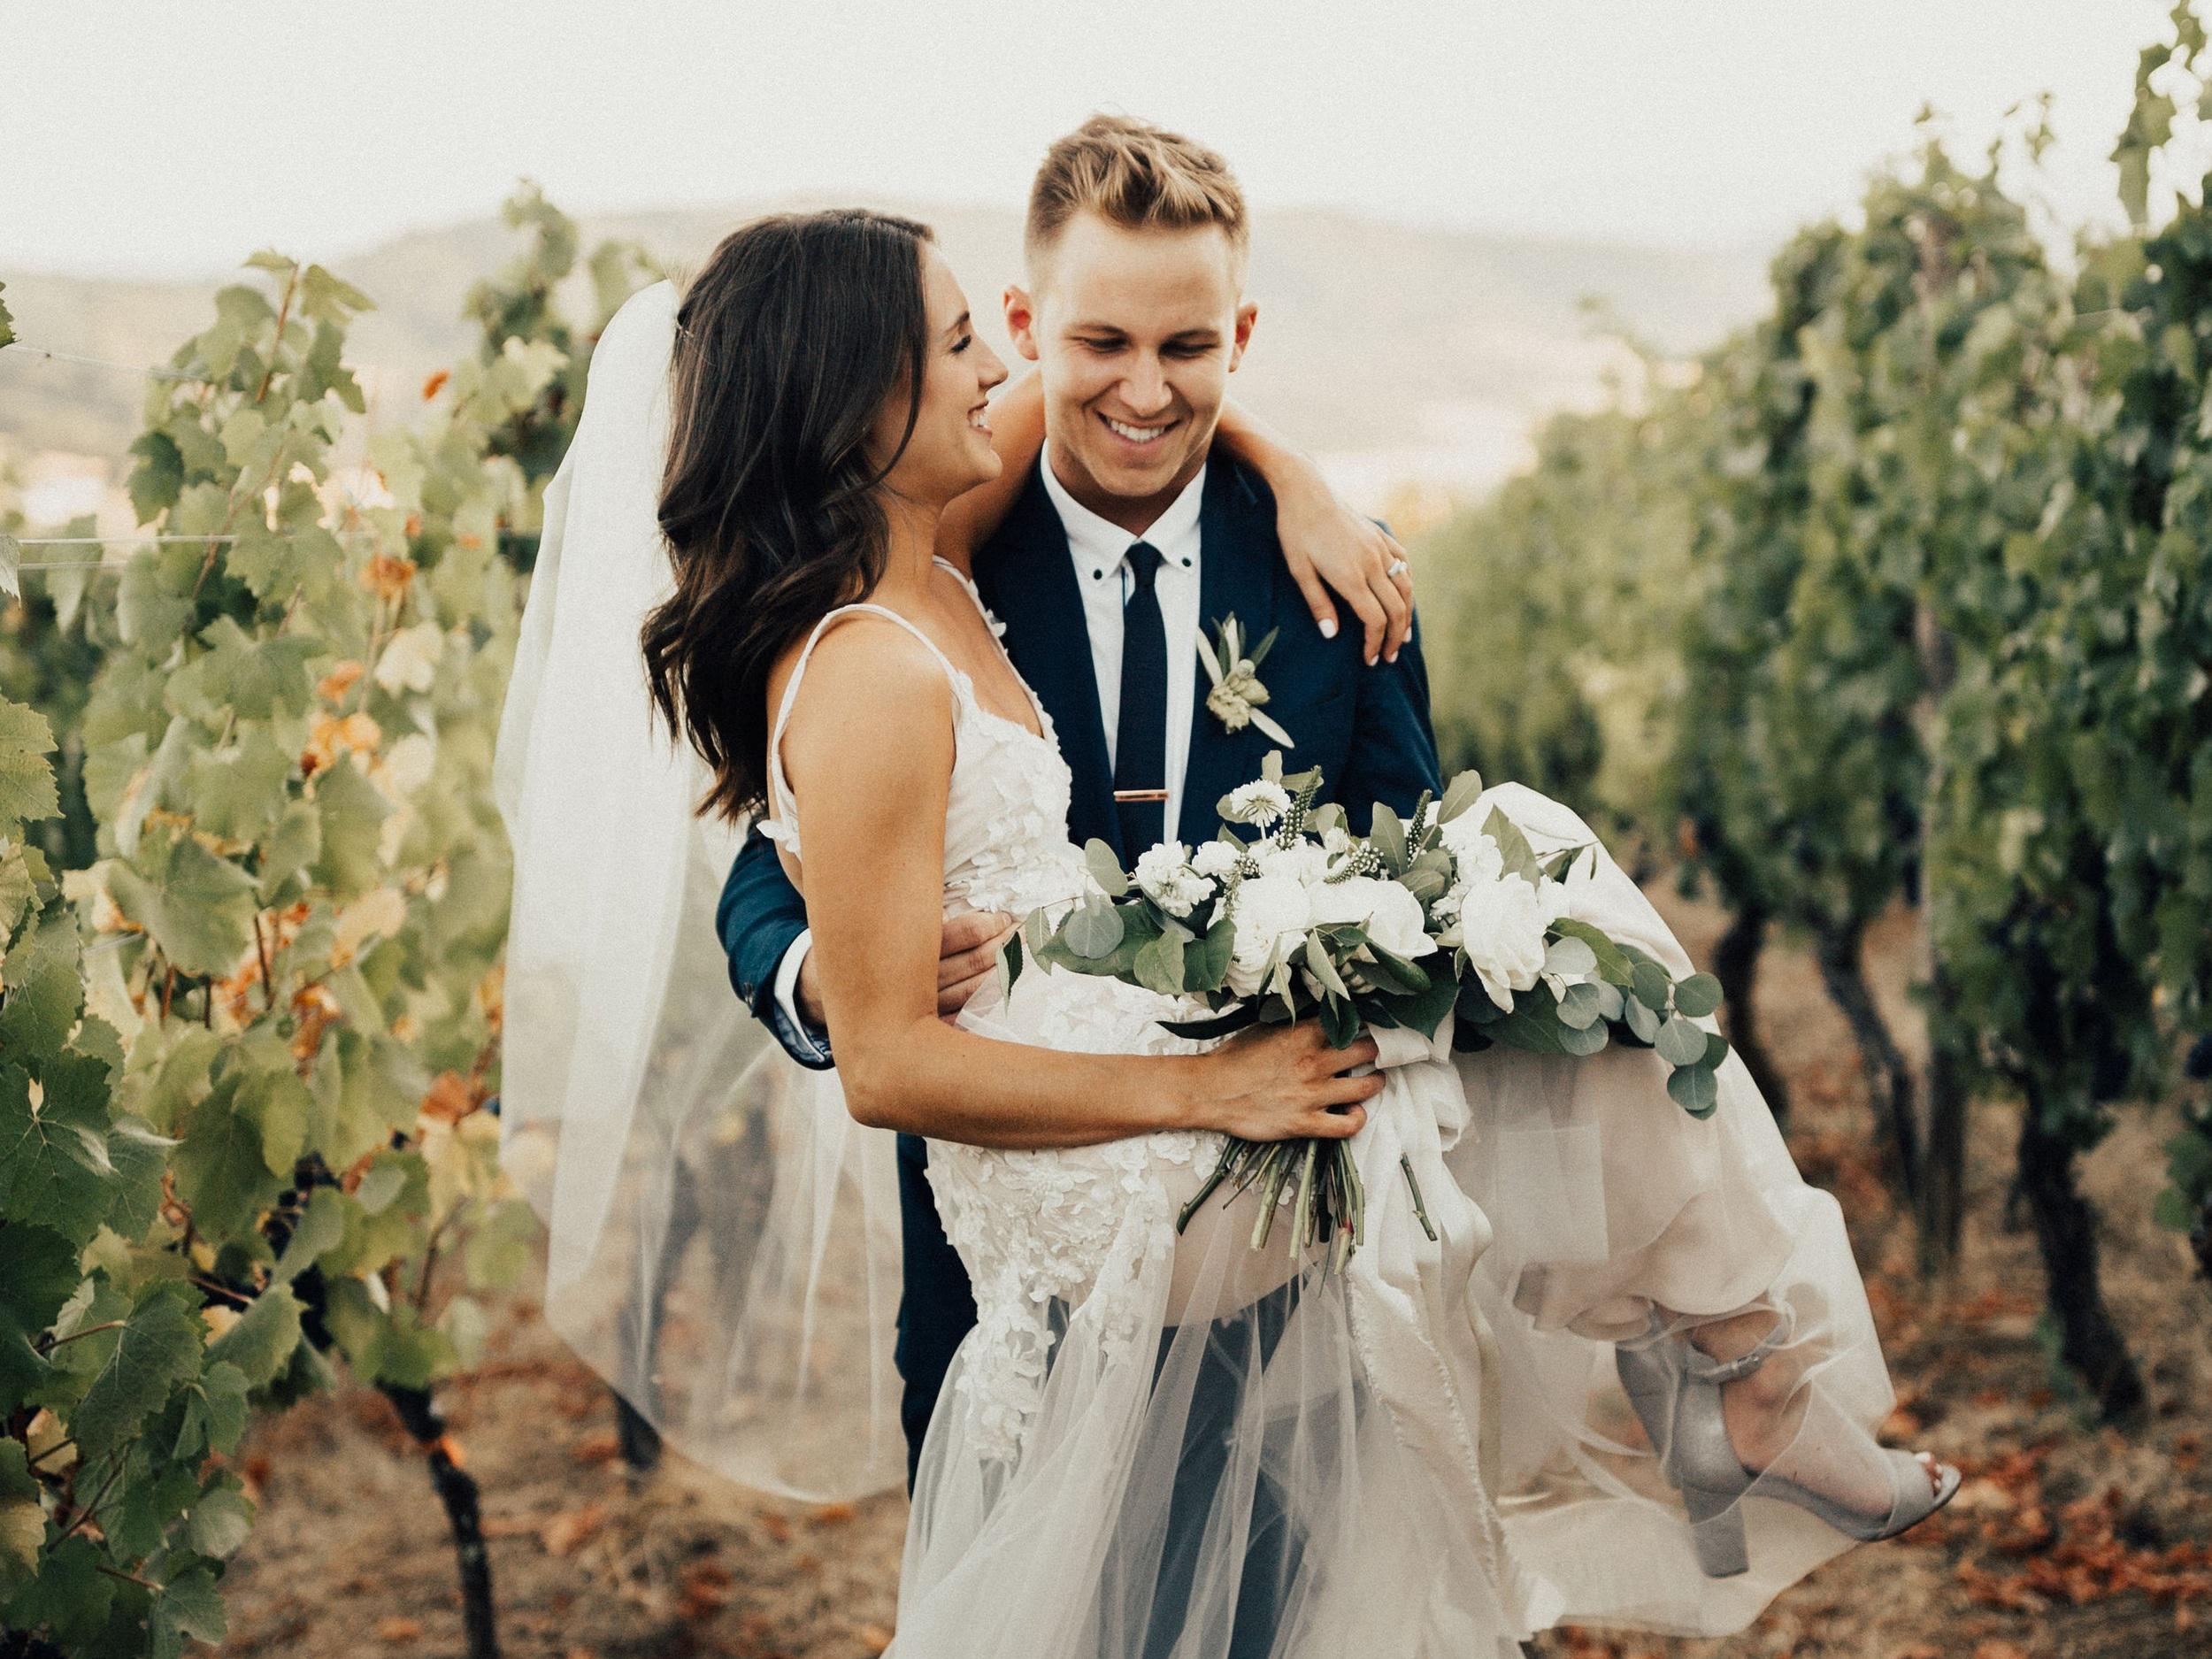 Cody+Kelly+WEDDING+September+10th+2017-Final+September+10th+2017-0538.jpg